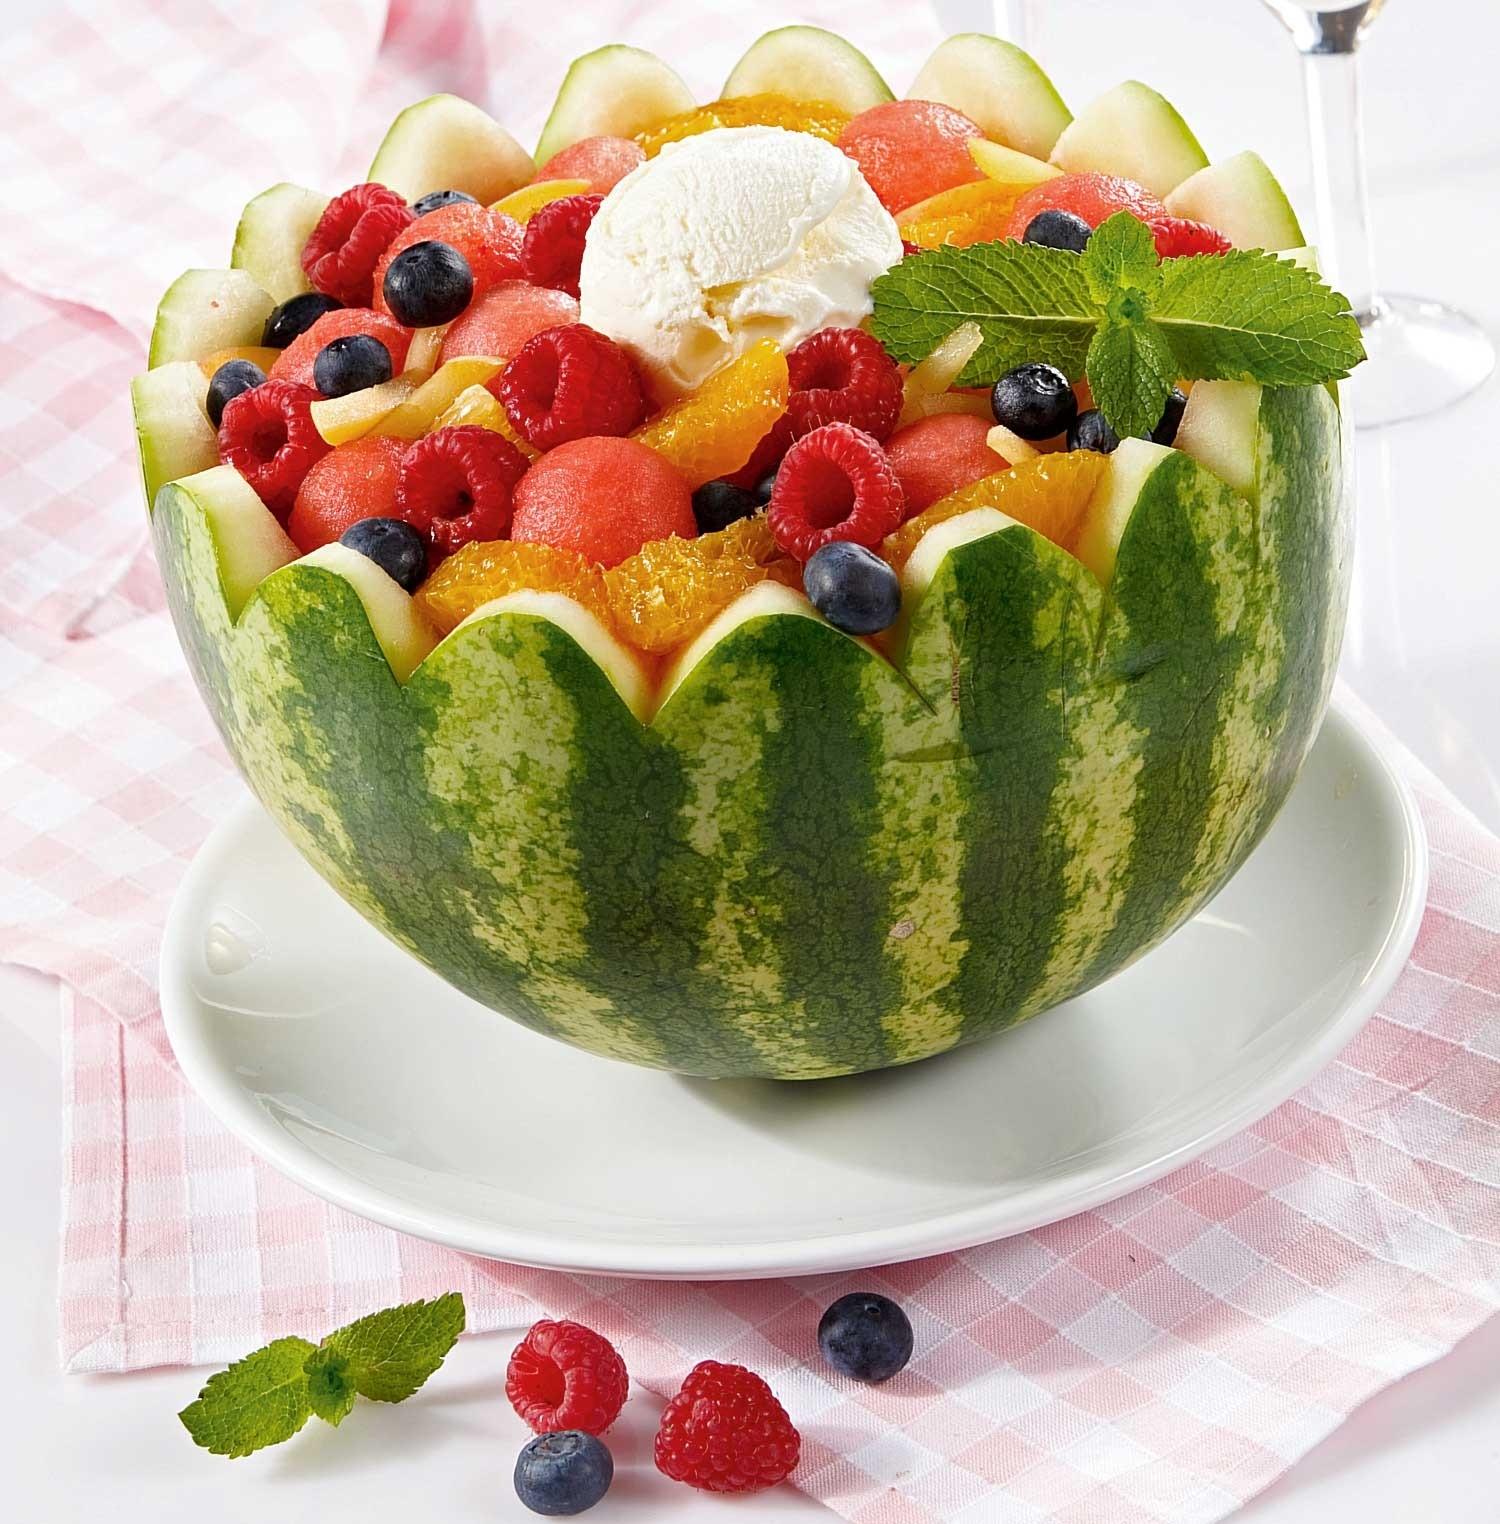 Арбуз с ягодами и фруктами